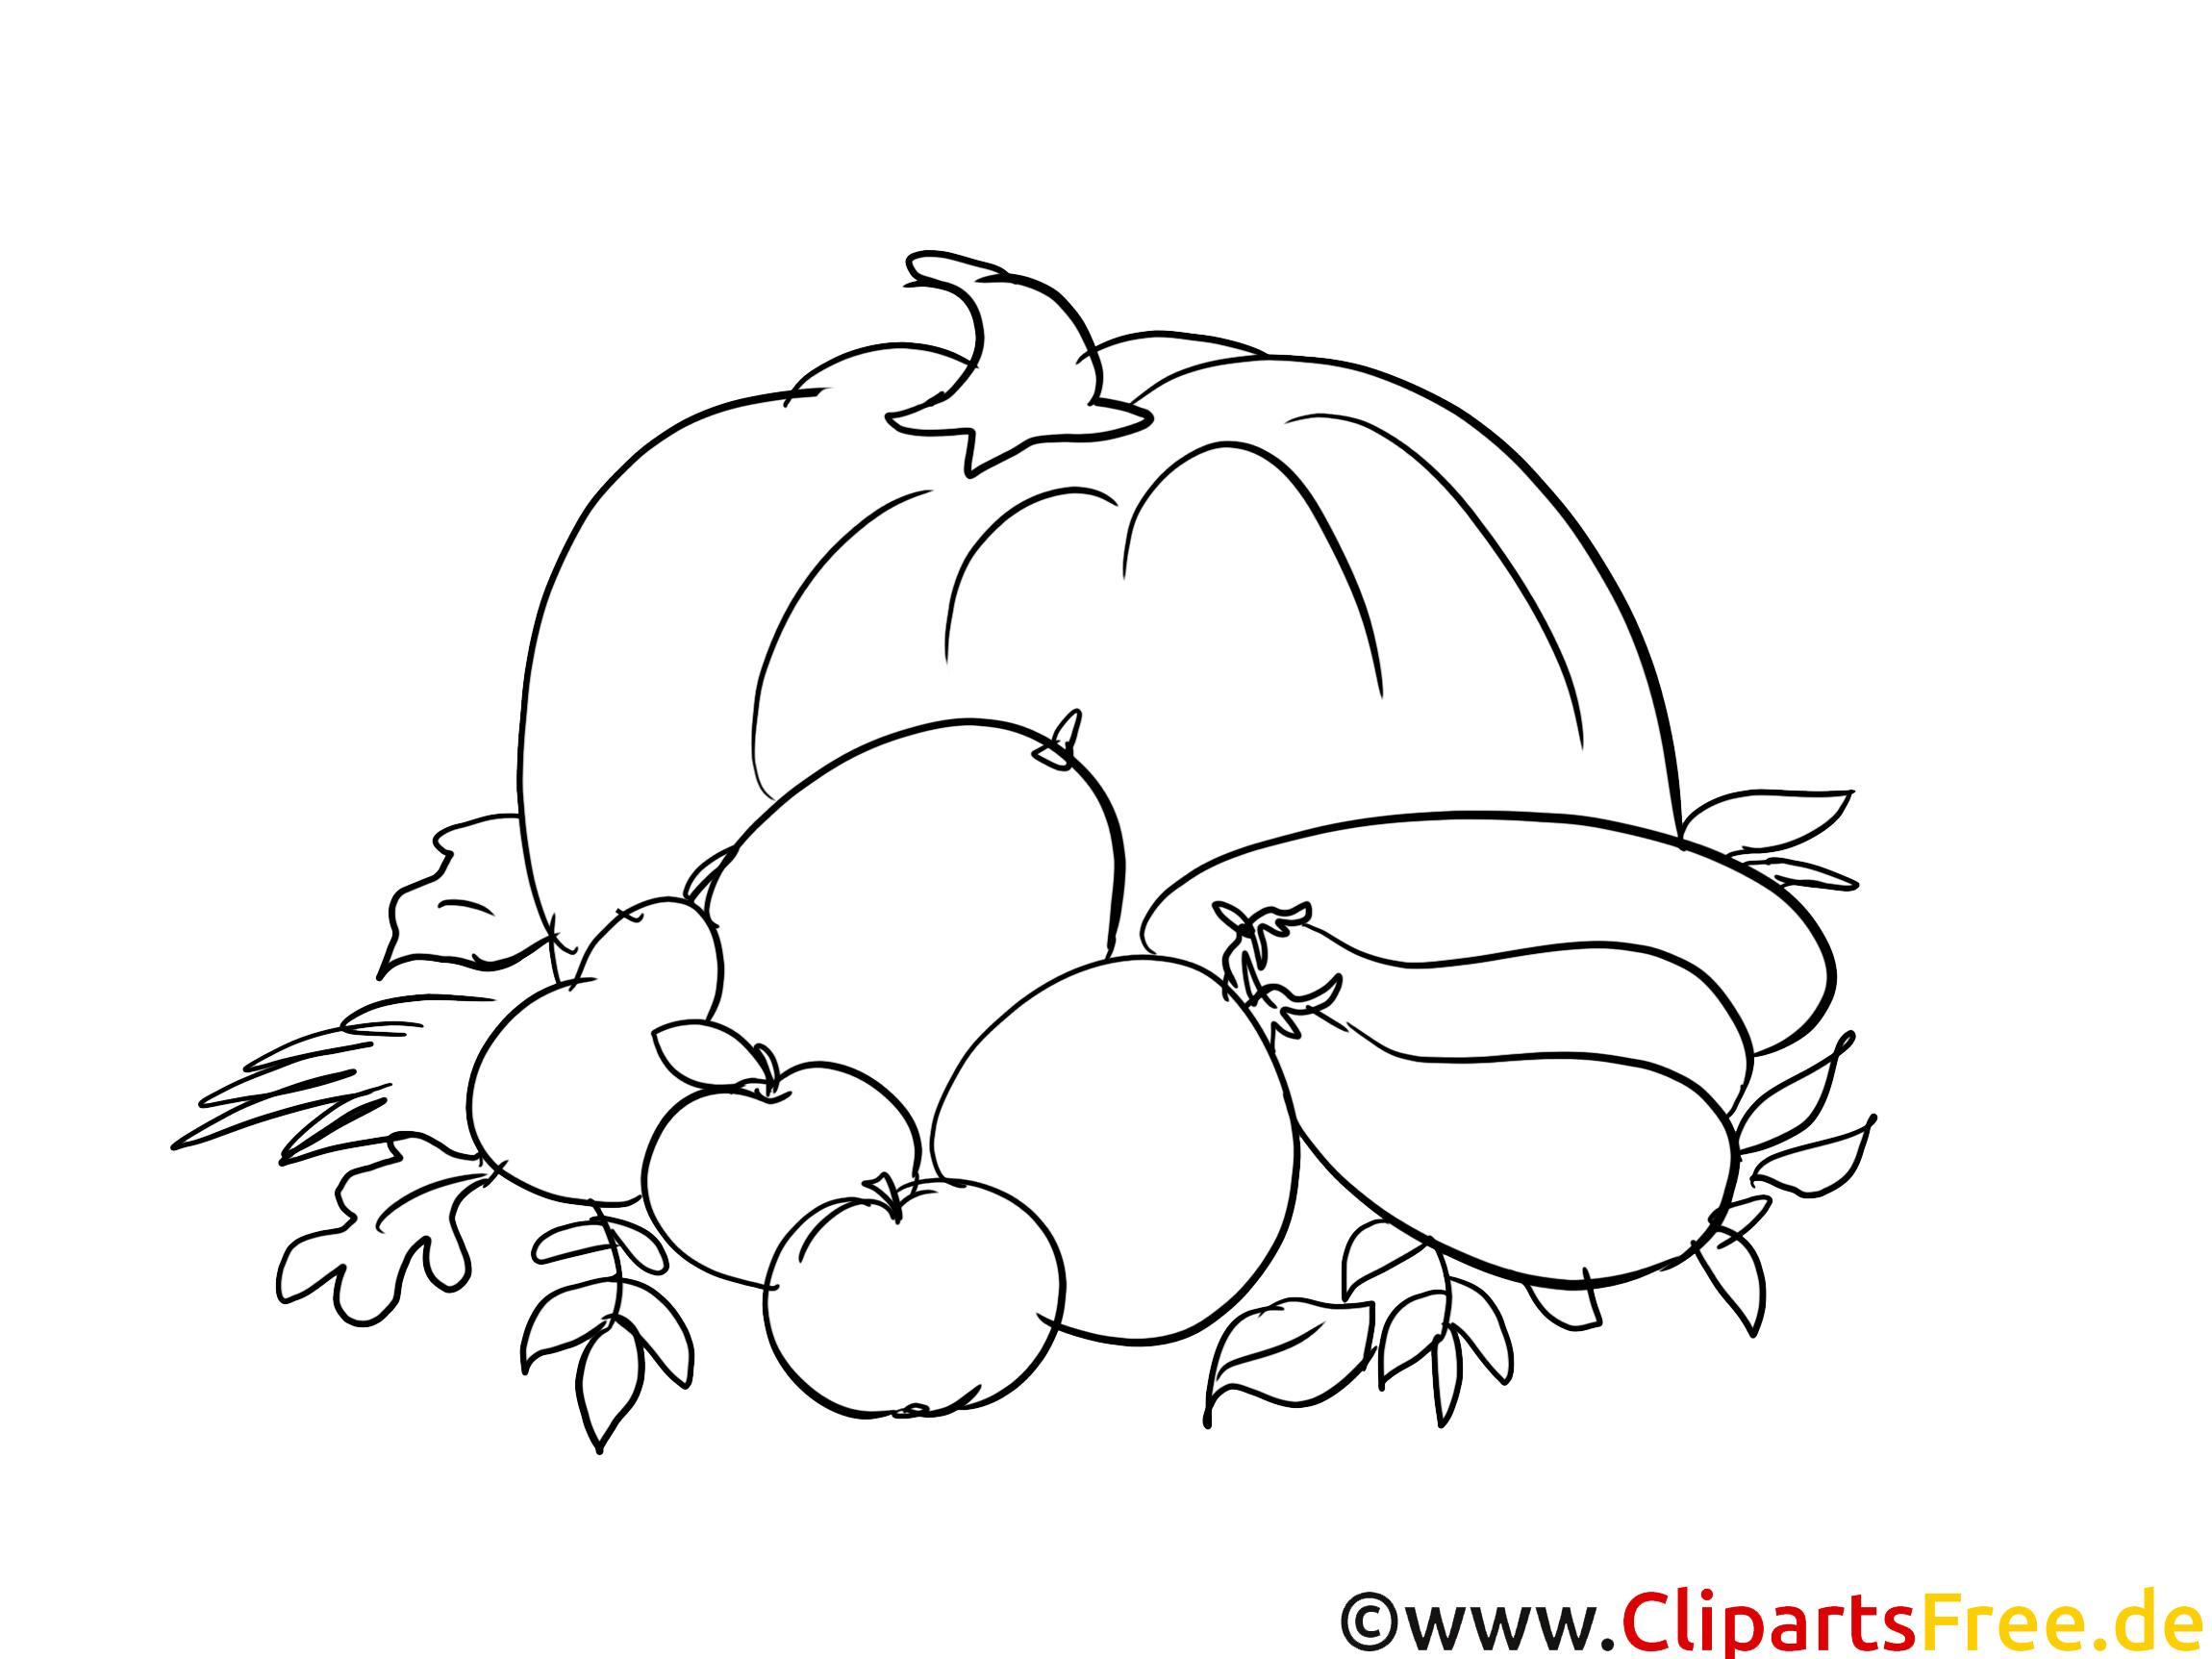 Herbst Ausmalbilder Blätter : Herbst Ernte Kostenlose Ausmalbilder Herbst Templates All Kind